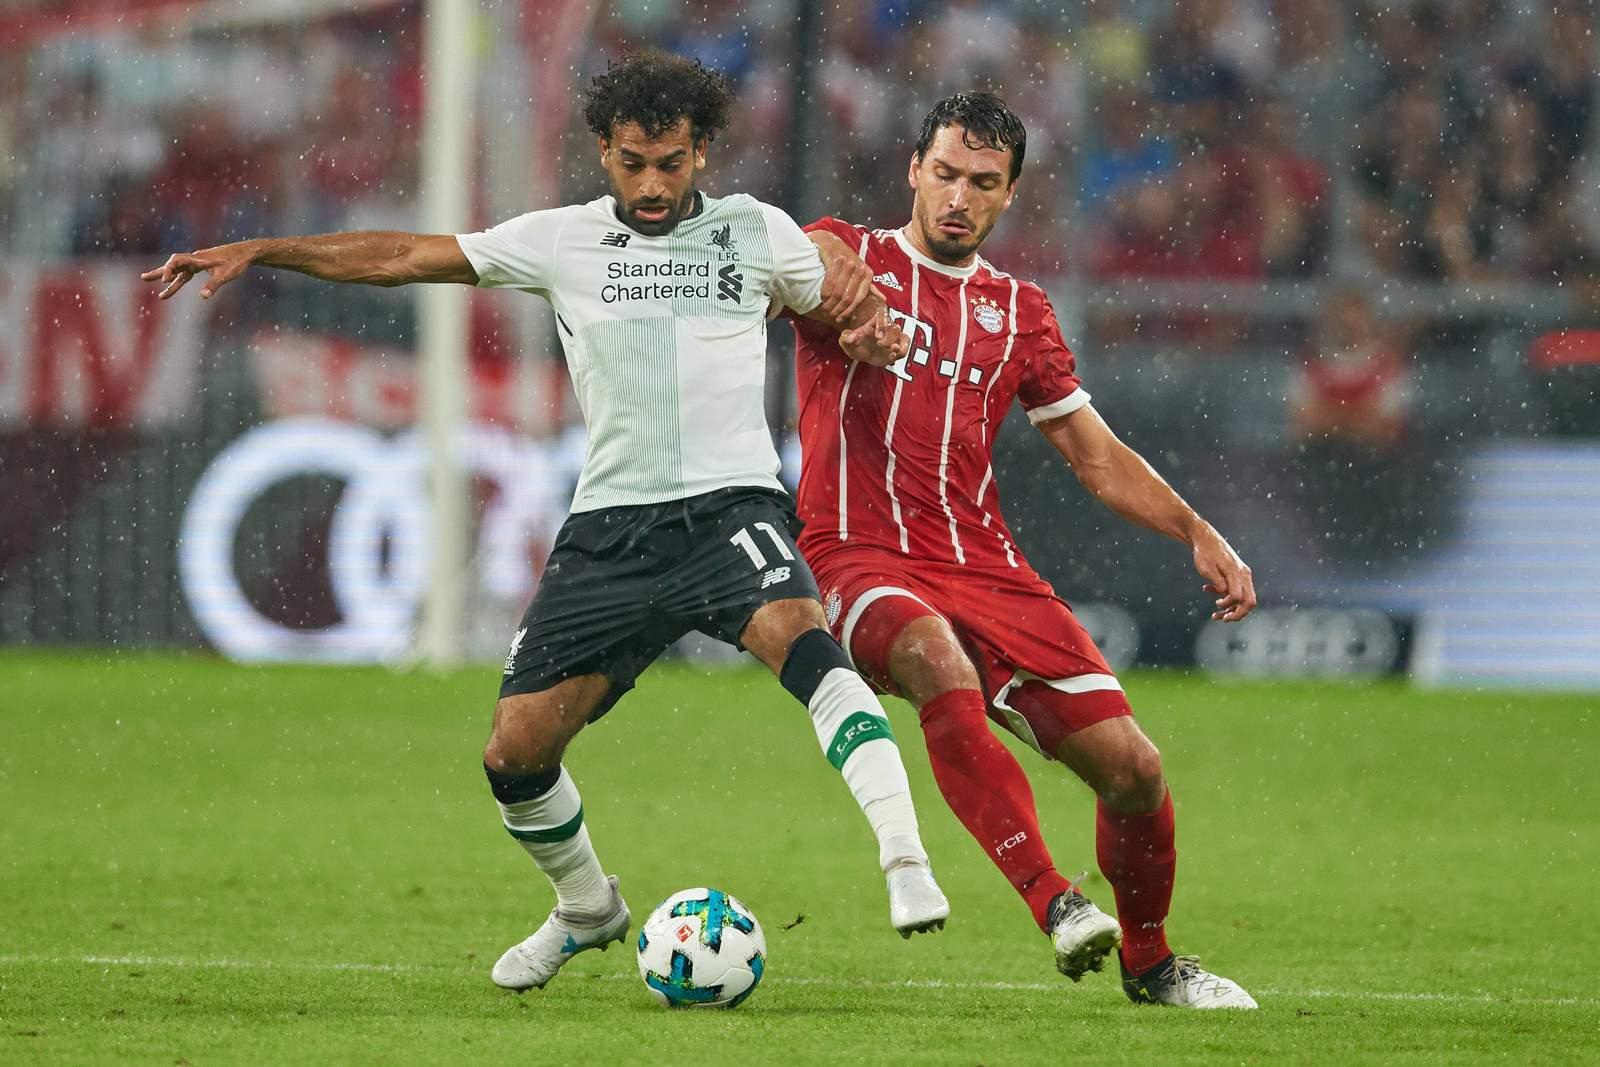 Setzt sich Hummels gegen Salah durch? Jetzt auf Liverpool gegen Bayern wetten